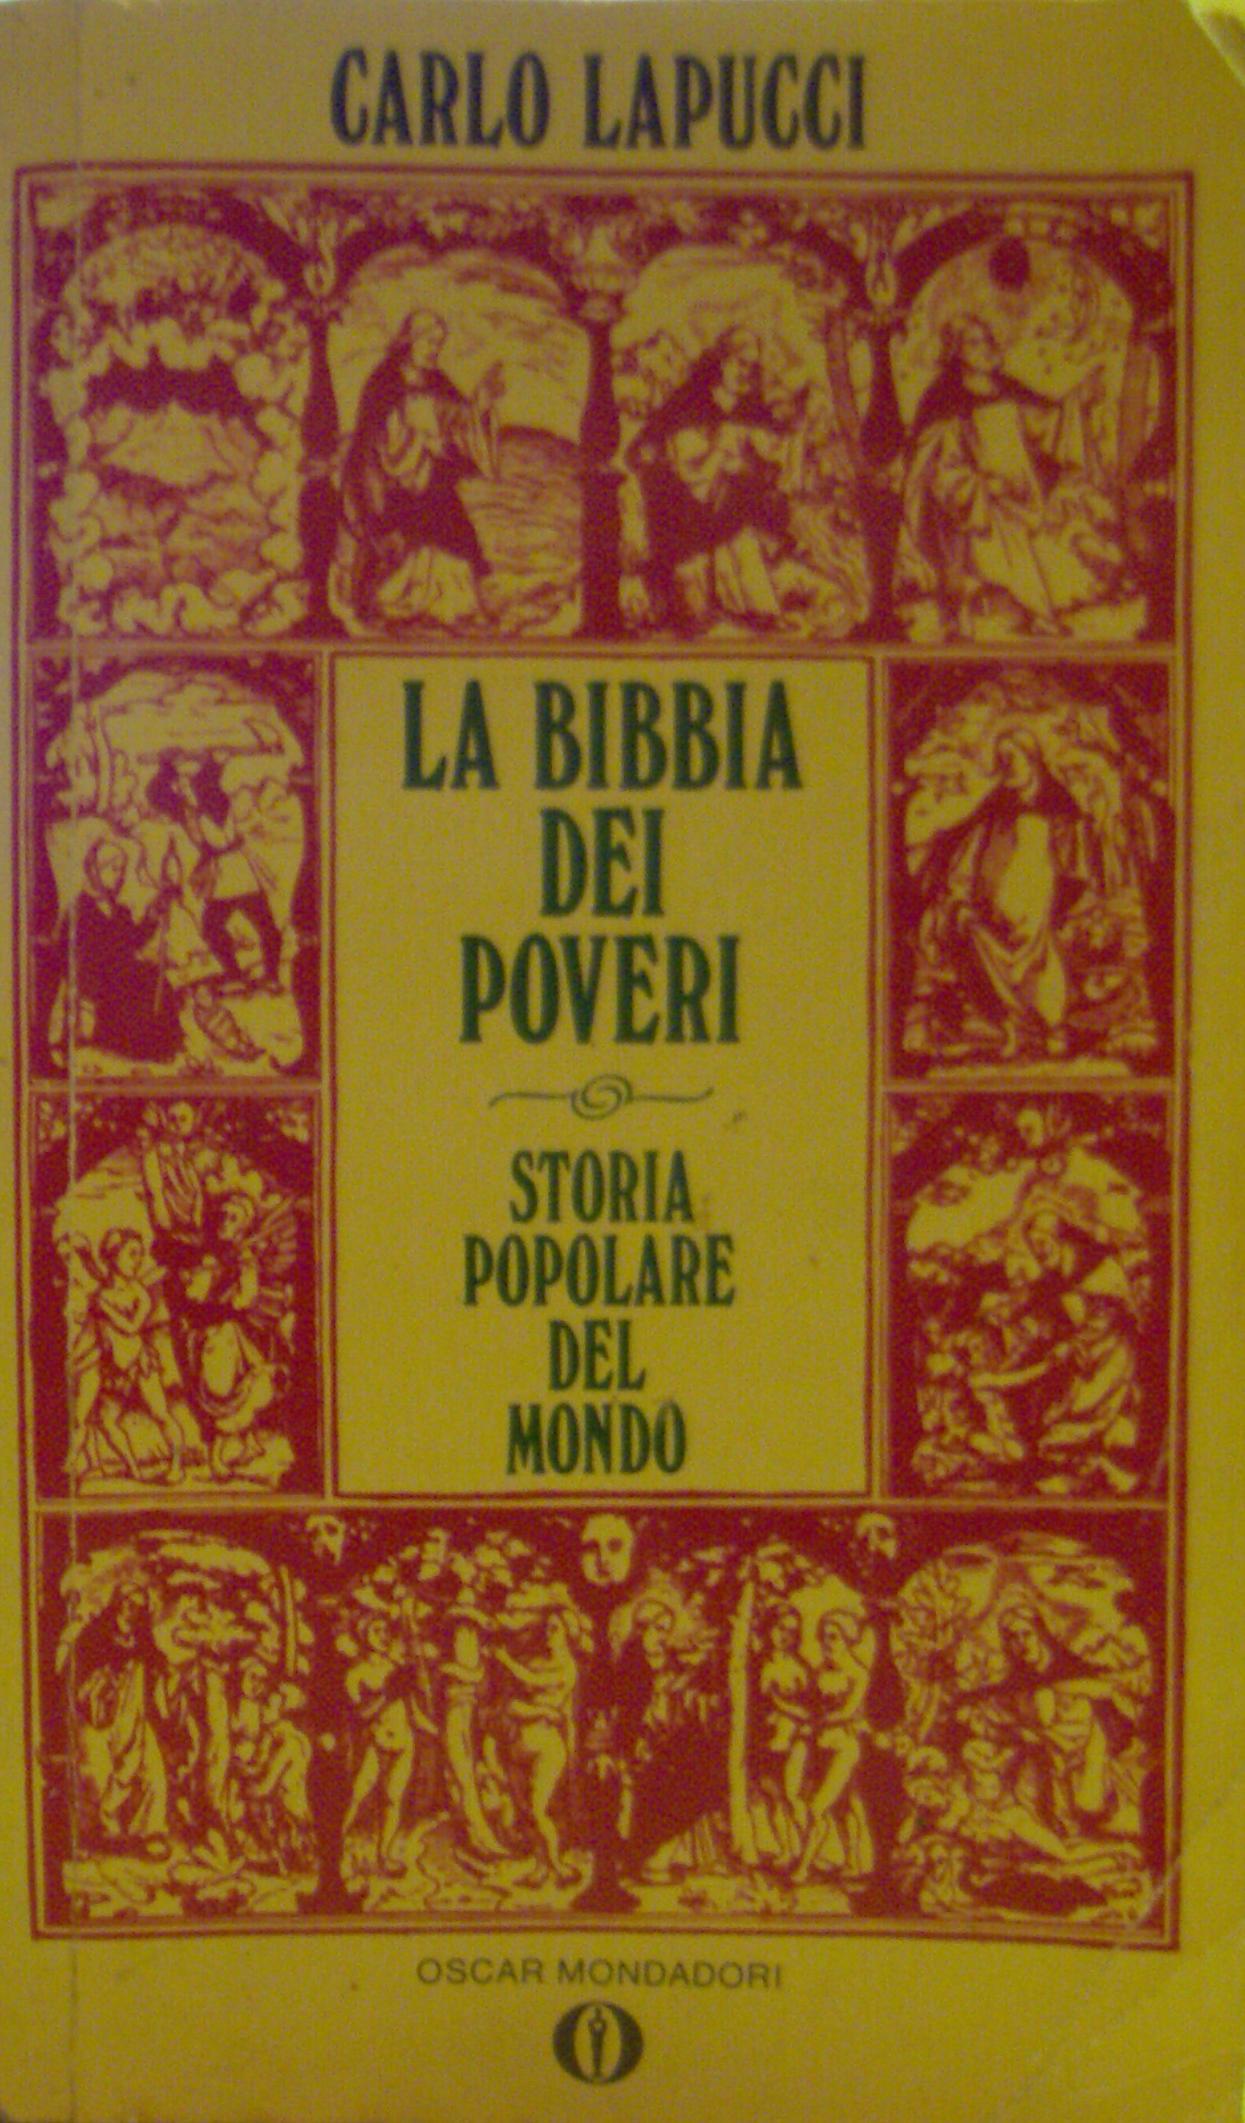 La bibbia dei poveri